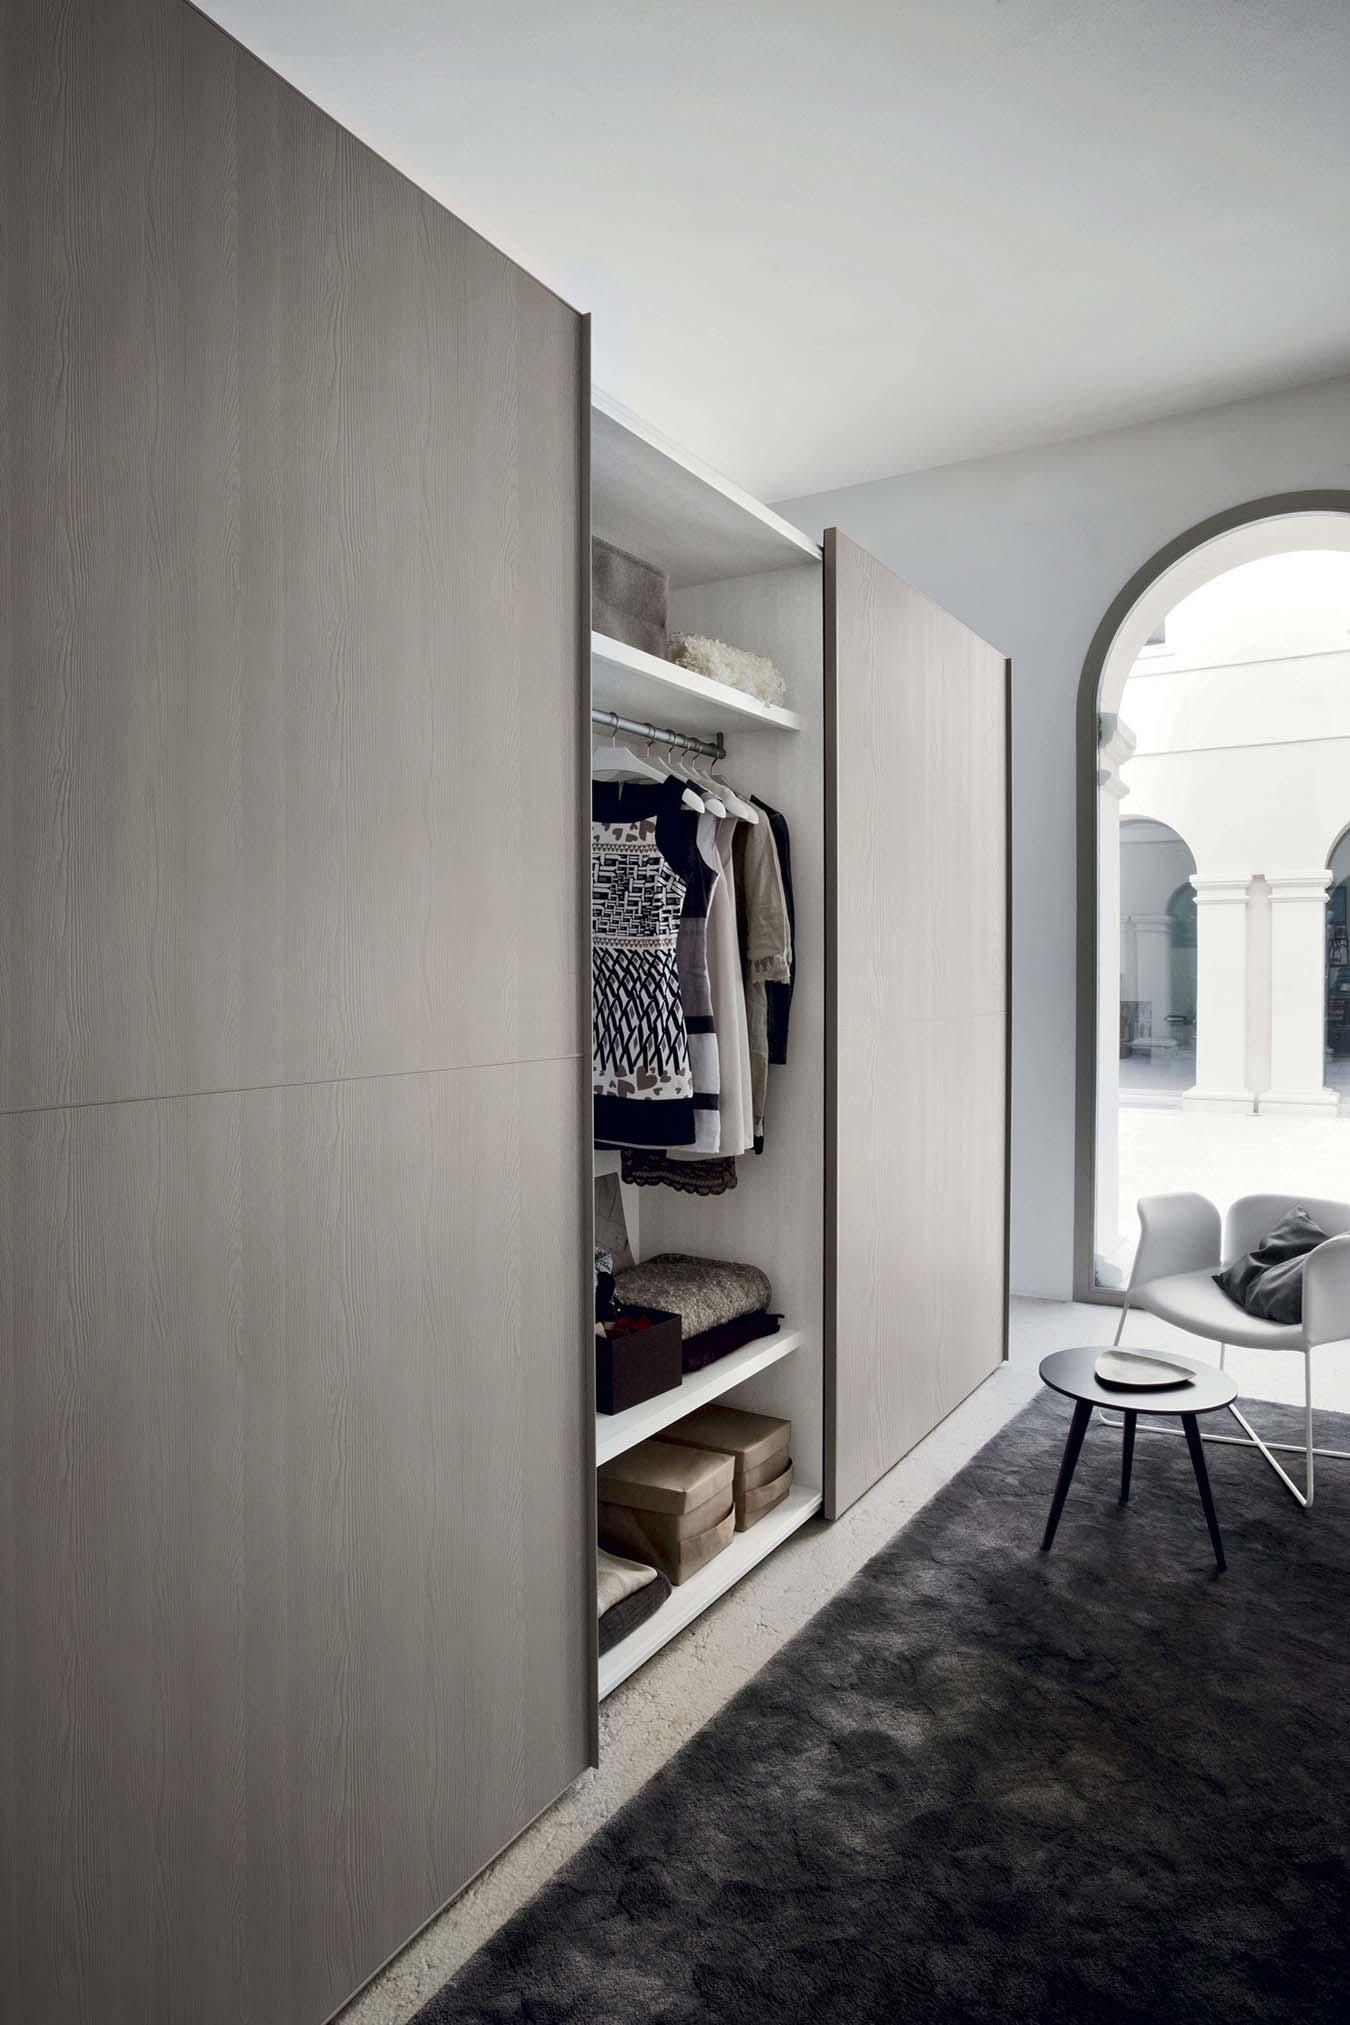 fci-wardrobes-13